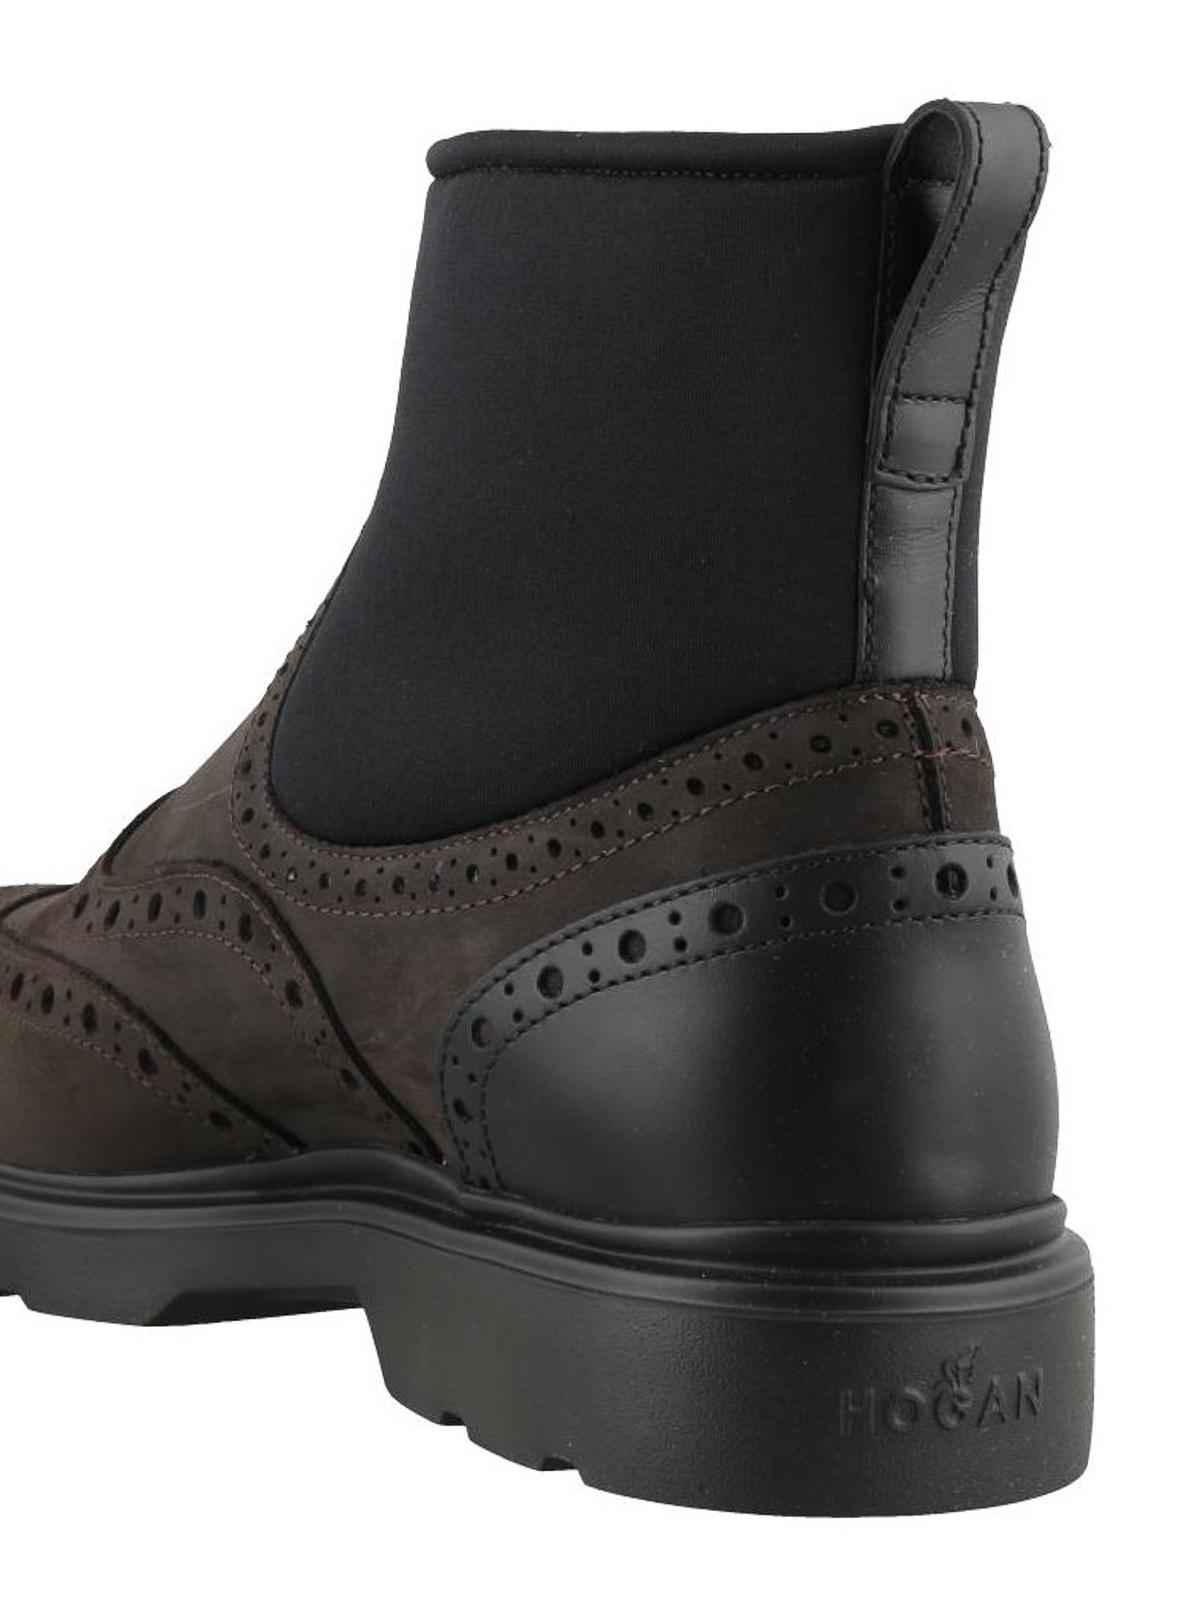 Hogan - H304 nubuck ankle boots - ankle boots - HXM3930AL90JFJ1117